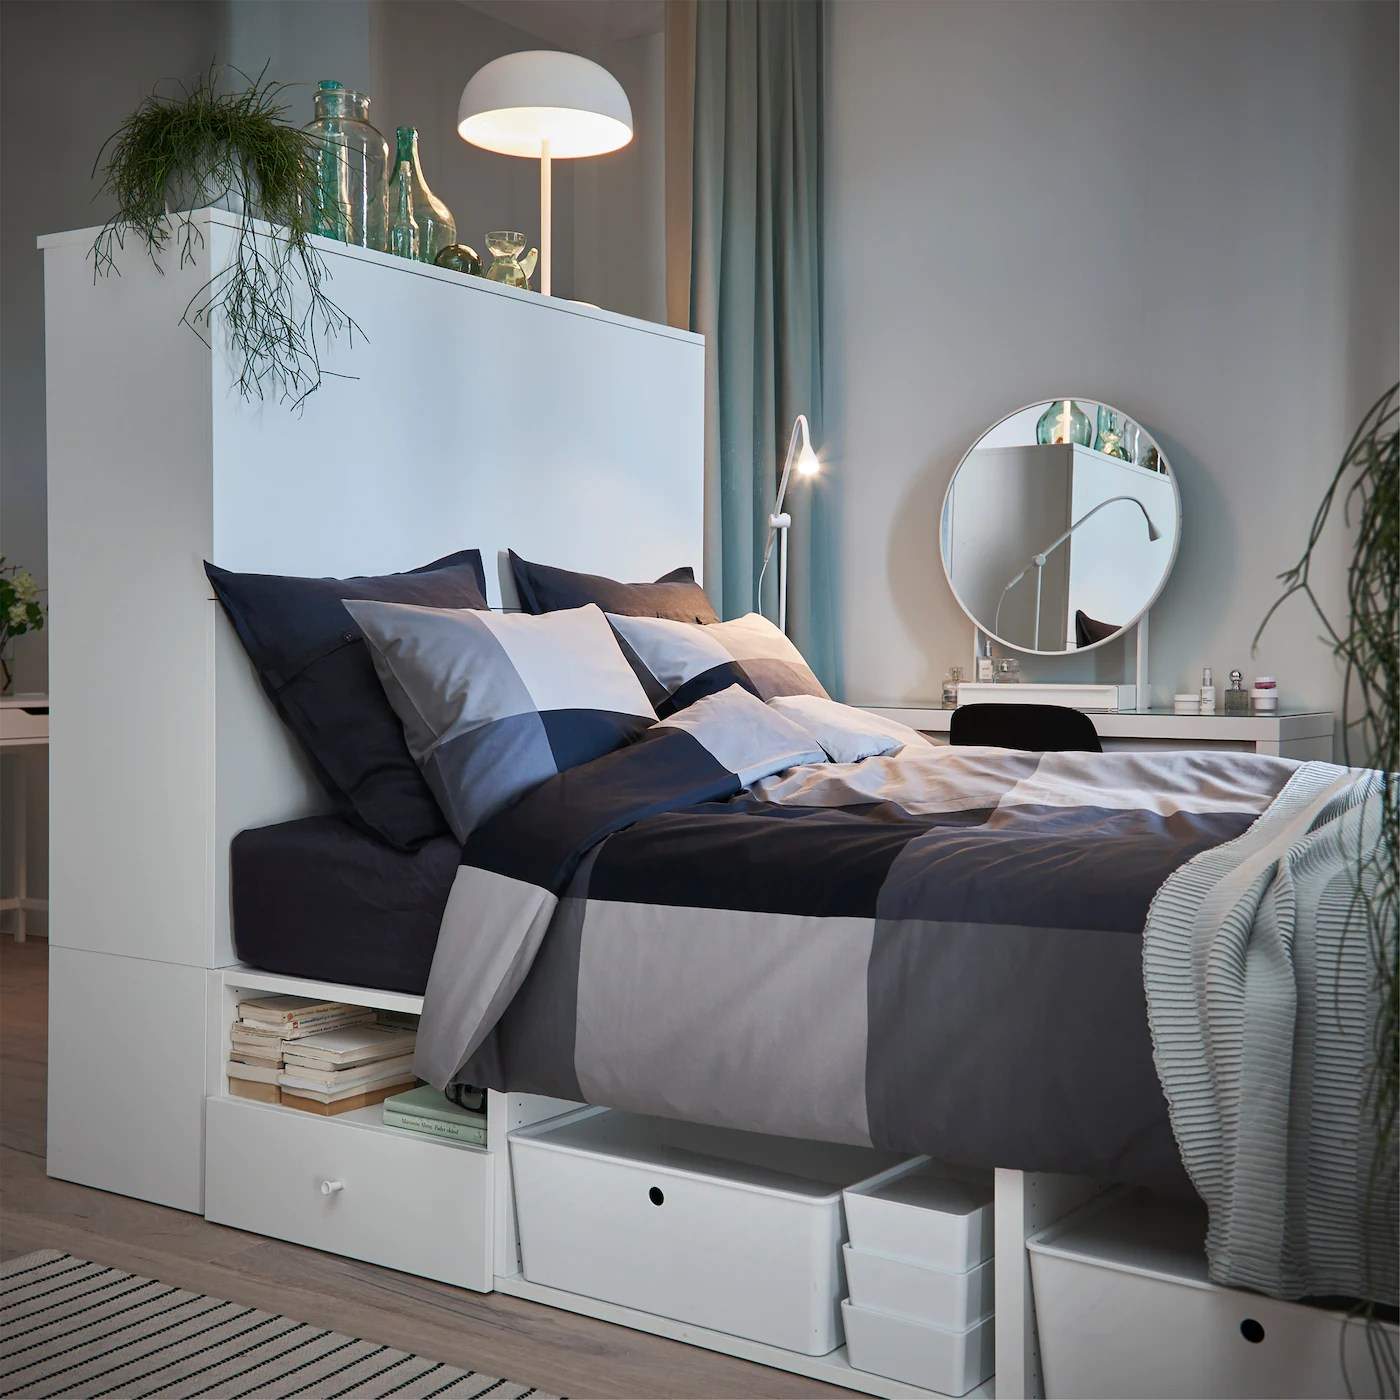 Dalle camere la letto in stile tradizionale e quelle dal design più moderno o minimal, ikea propone. Camera Da Letto E Soggiorno Tutto In Uno Ikea Svizzera